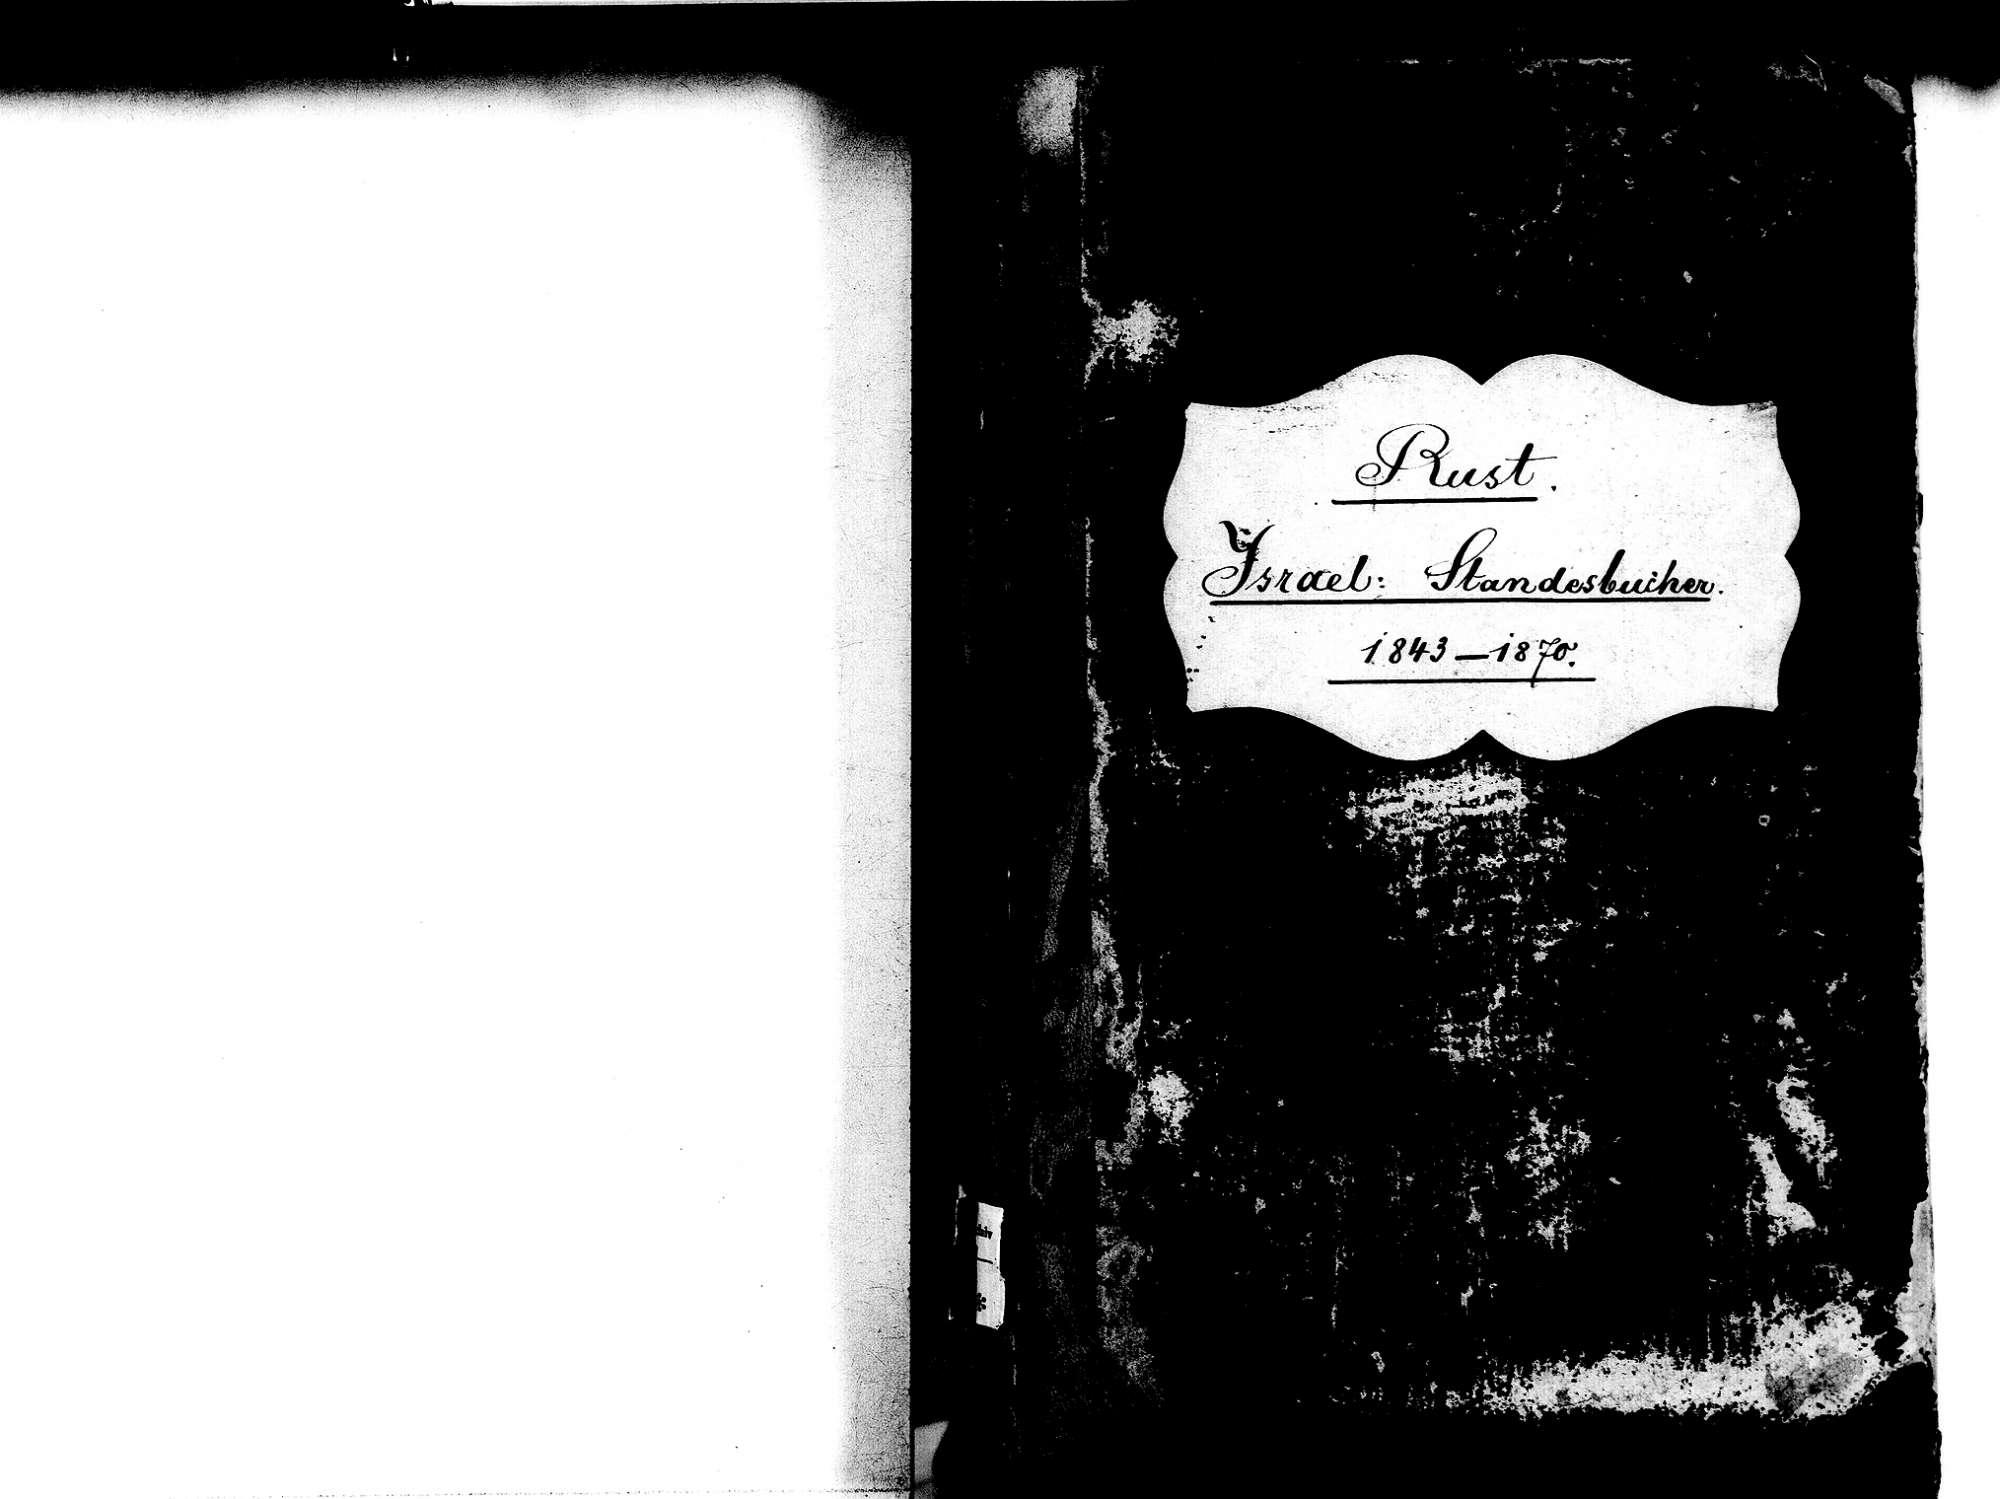 Rust OG; Israelitische Gemeinde: Standesbuch 1843-1870, Bild 2